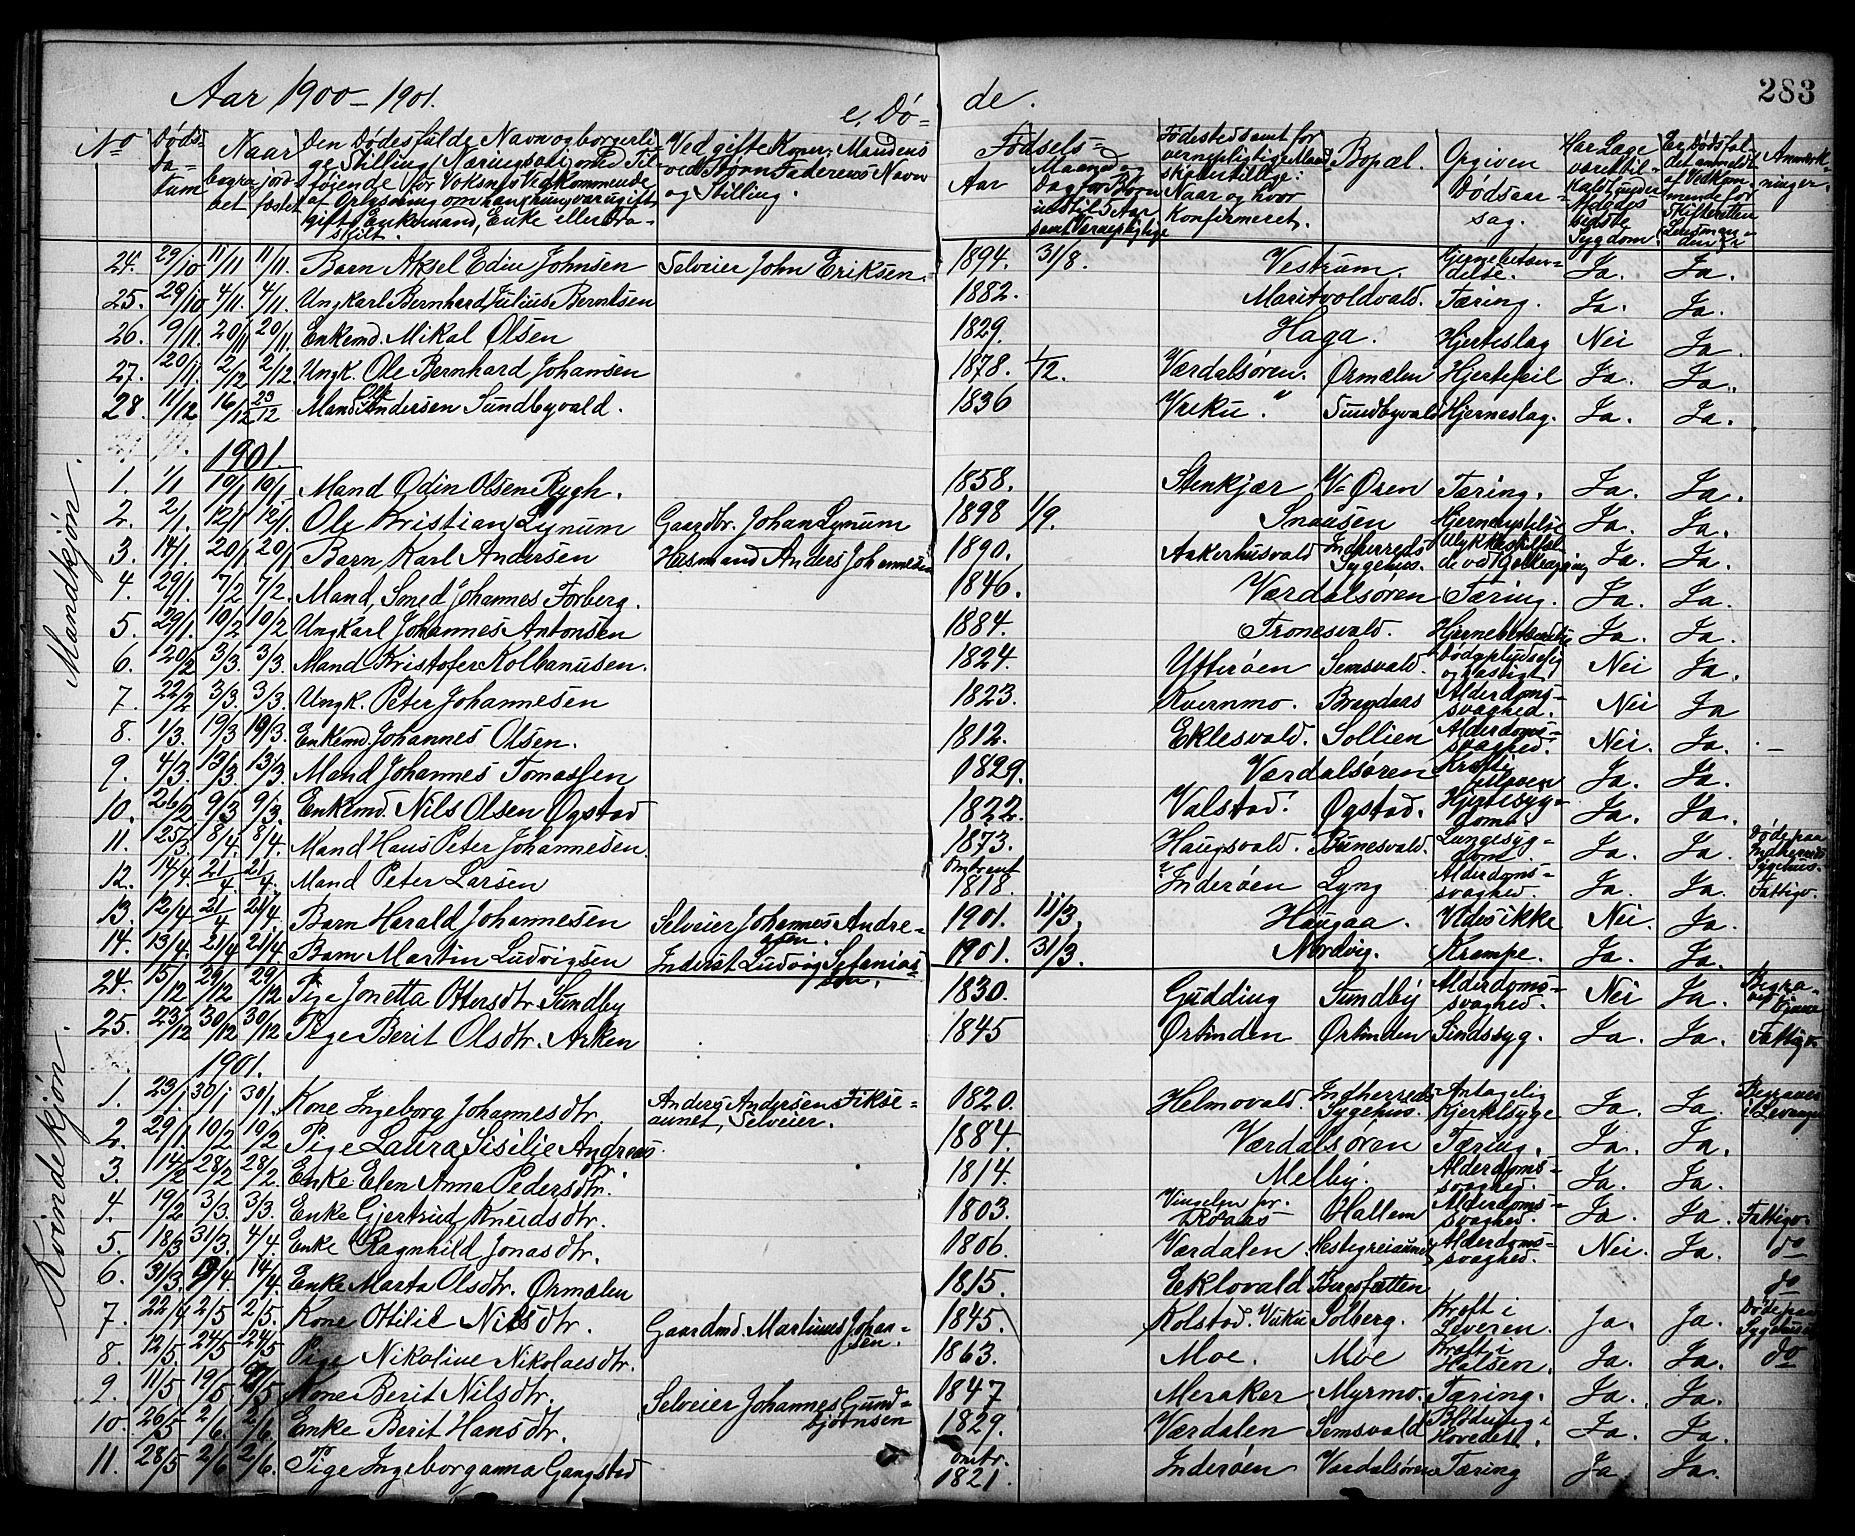 SAT, Ministerialprotokoller, klokkerbøker og fødselsregistre - Nord-Trøndelag, 723/L0257: Klokkerbok nr. 723C05, 1890-1907, s. 283